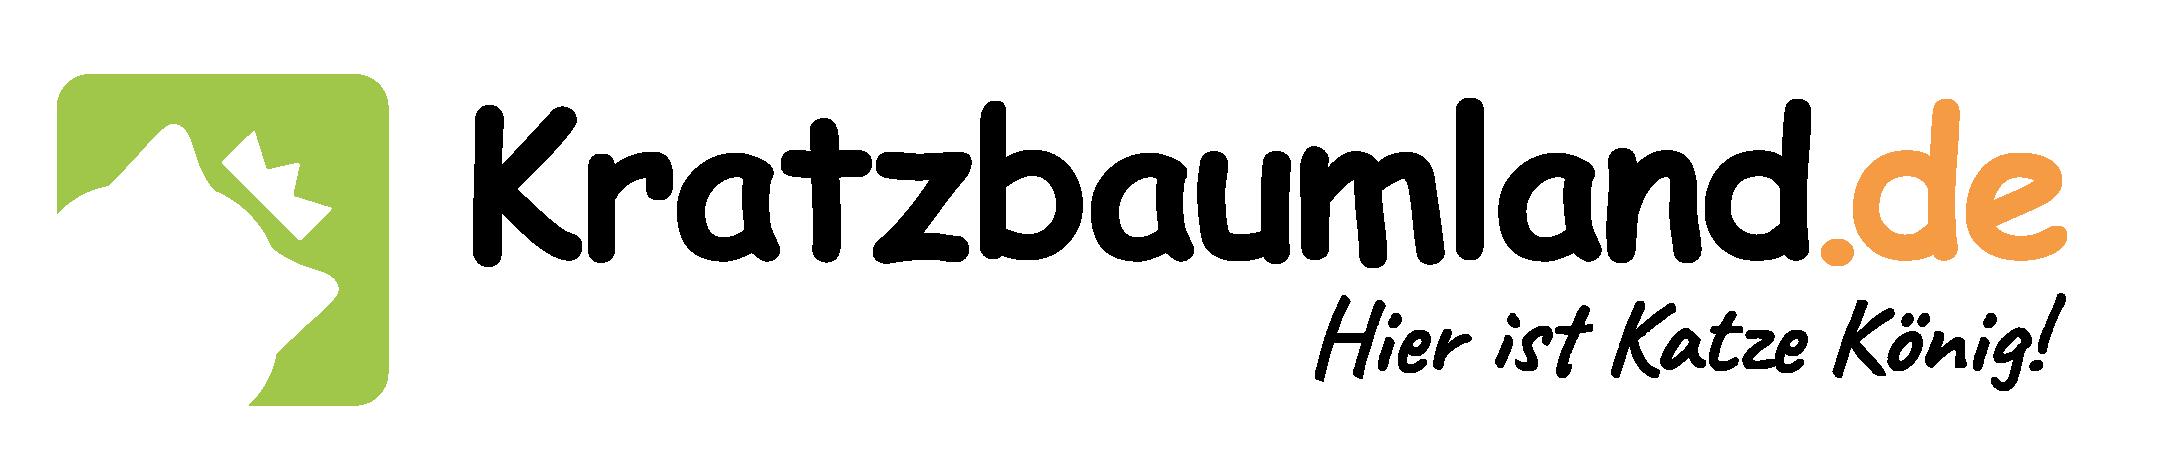 kratzbaumland